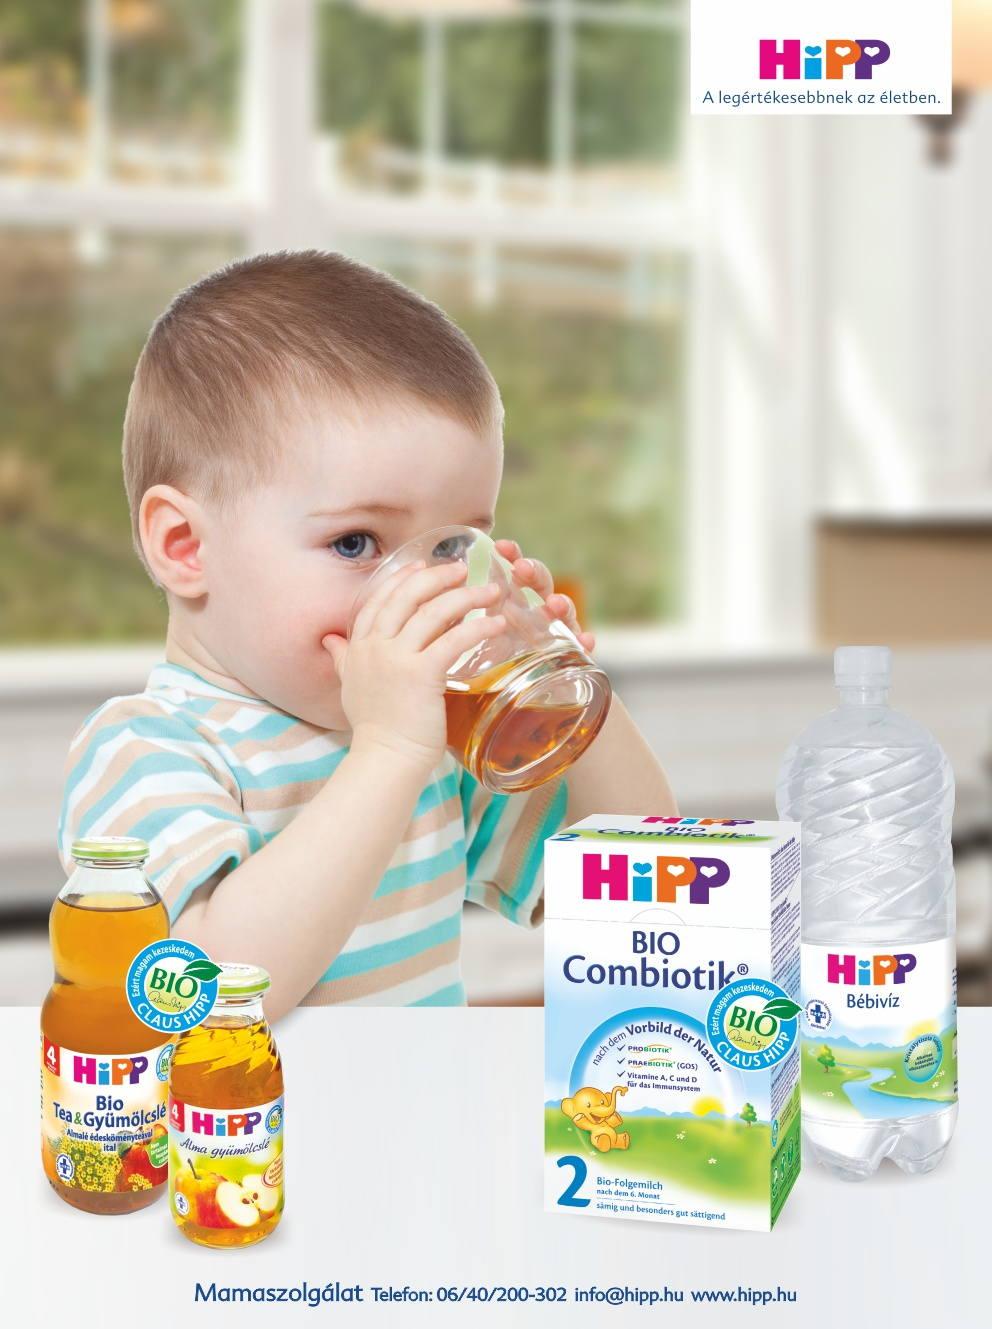 A felnőtteknek készült ásványvíz magas ásványianyag-tartalma szintén  megterheli a babák szervezetét 852c789f45